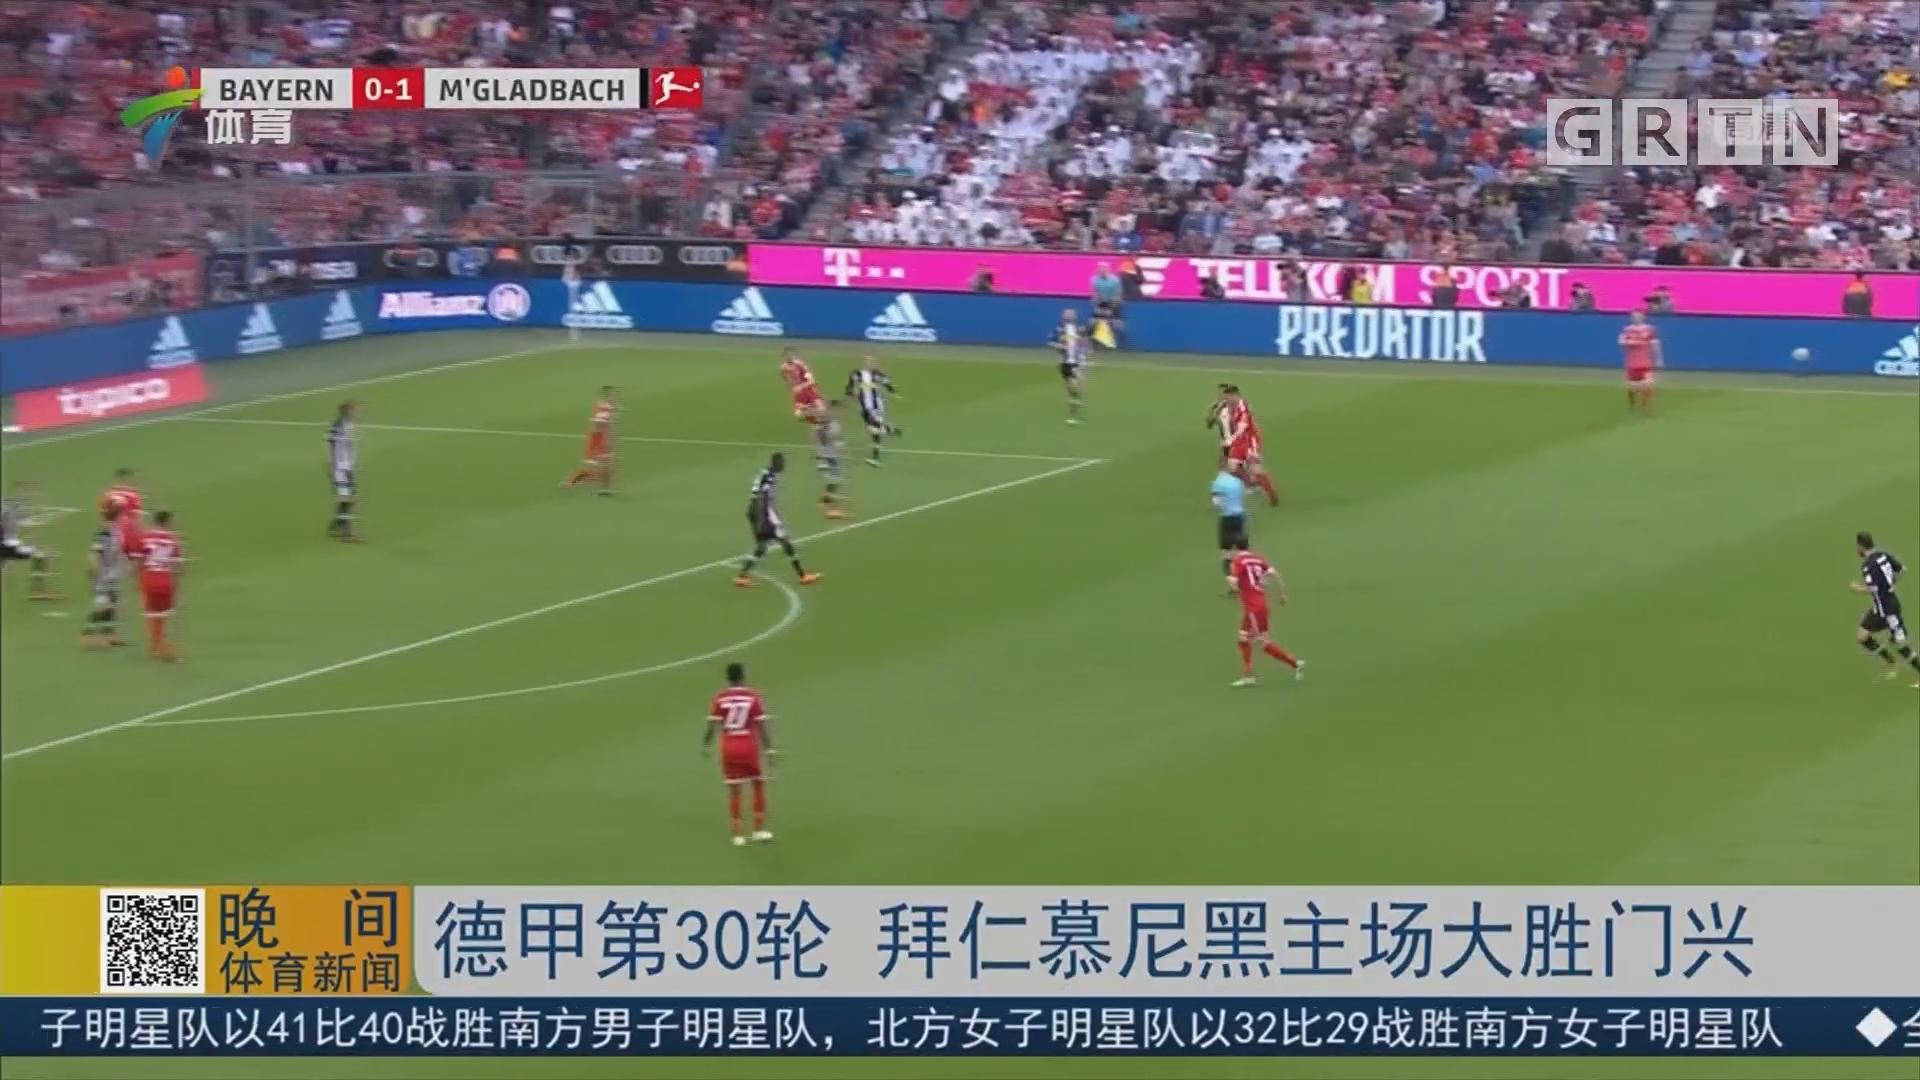 德甲第30轮 拜仁慕尼黑主场大胜门兴